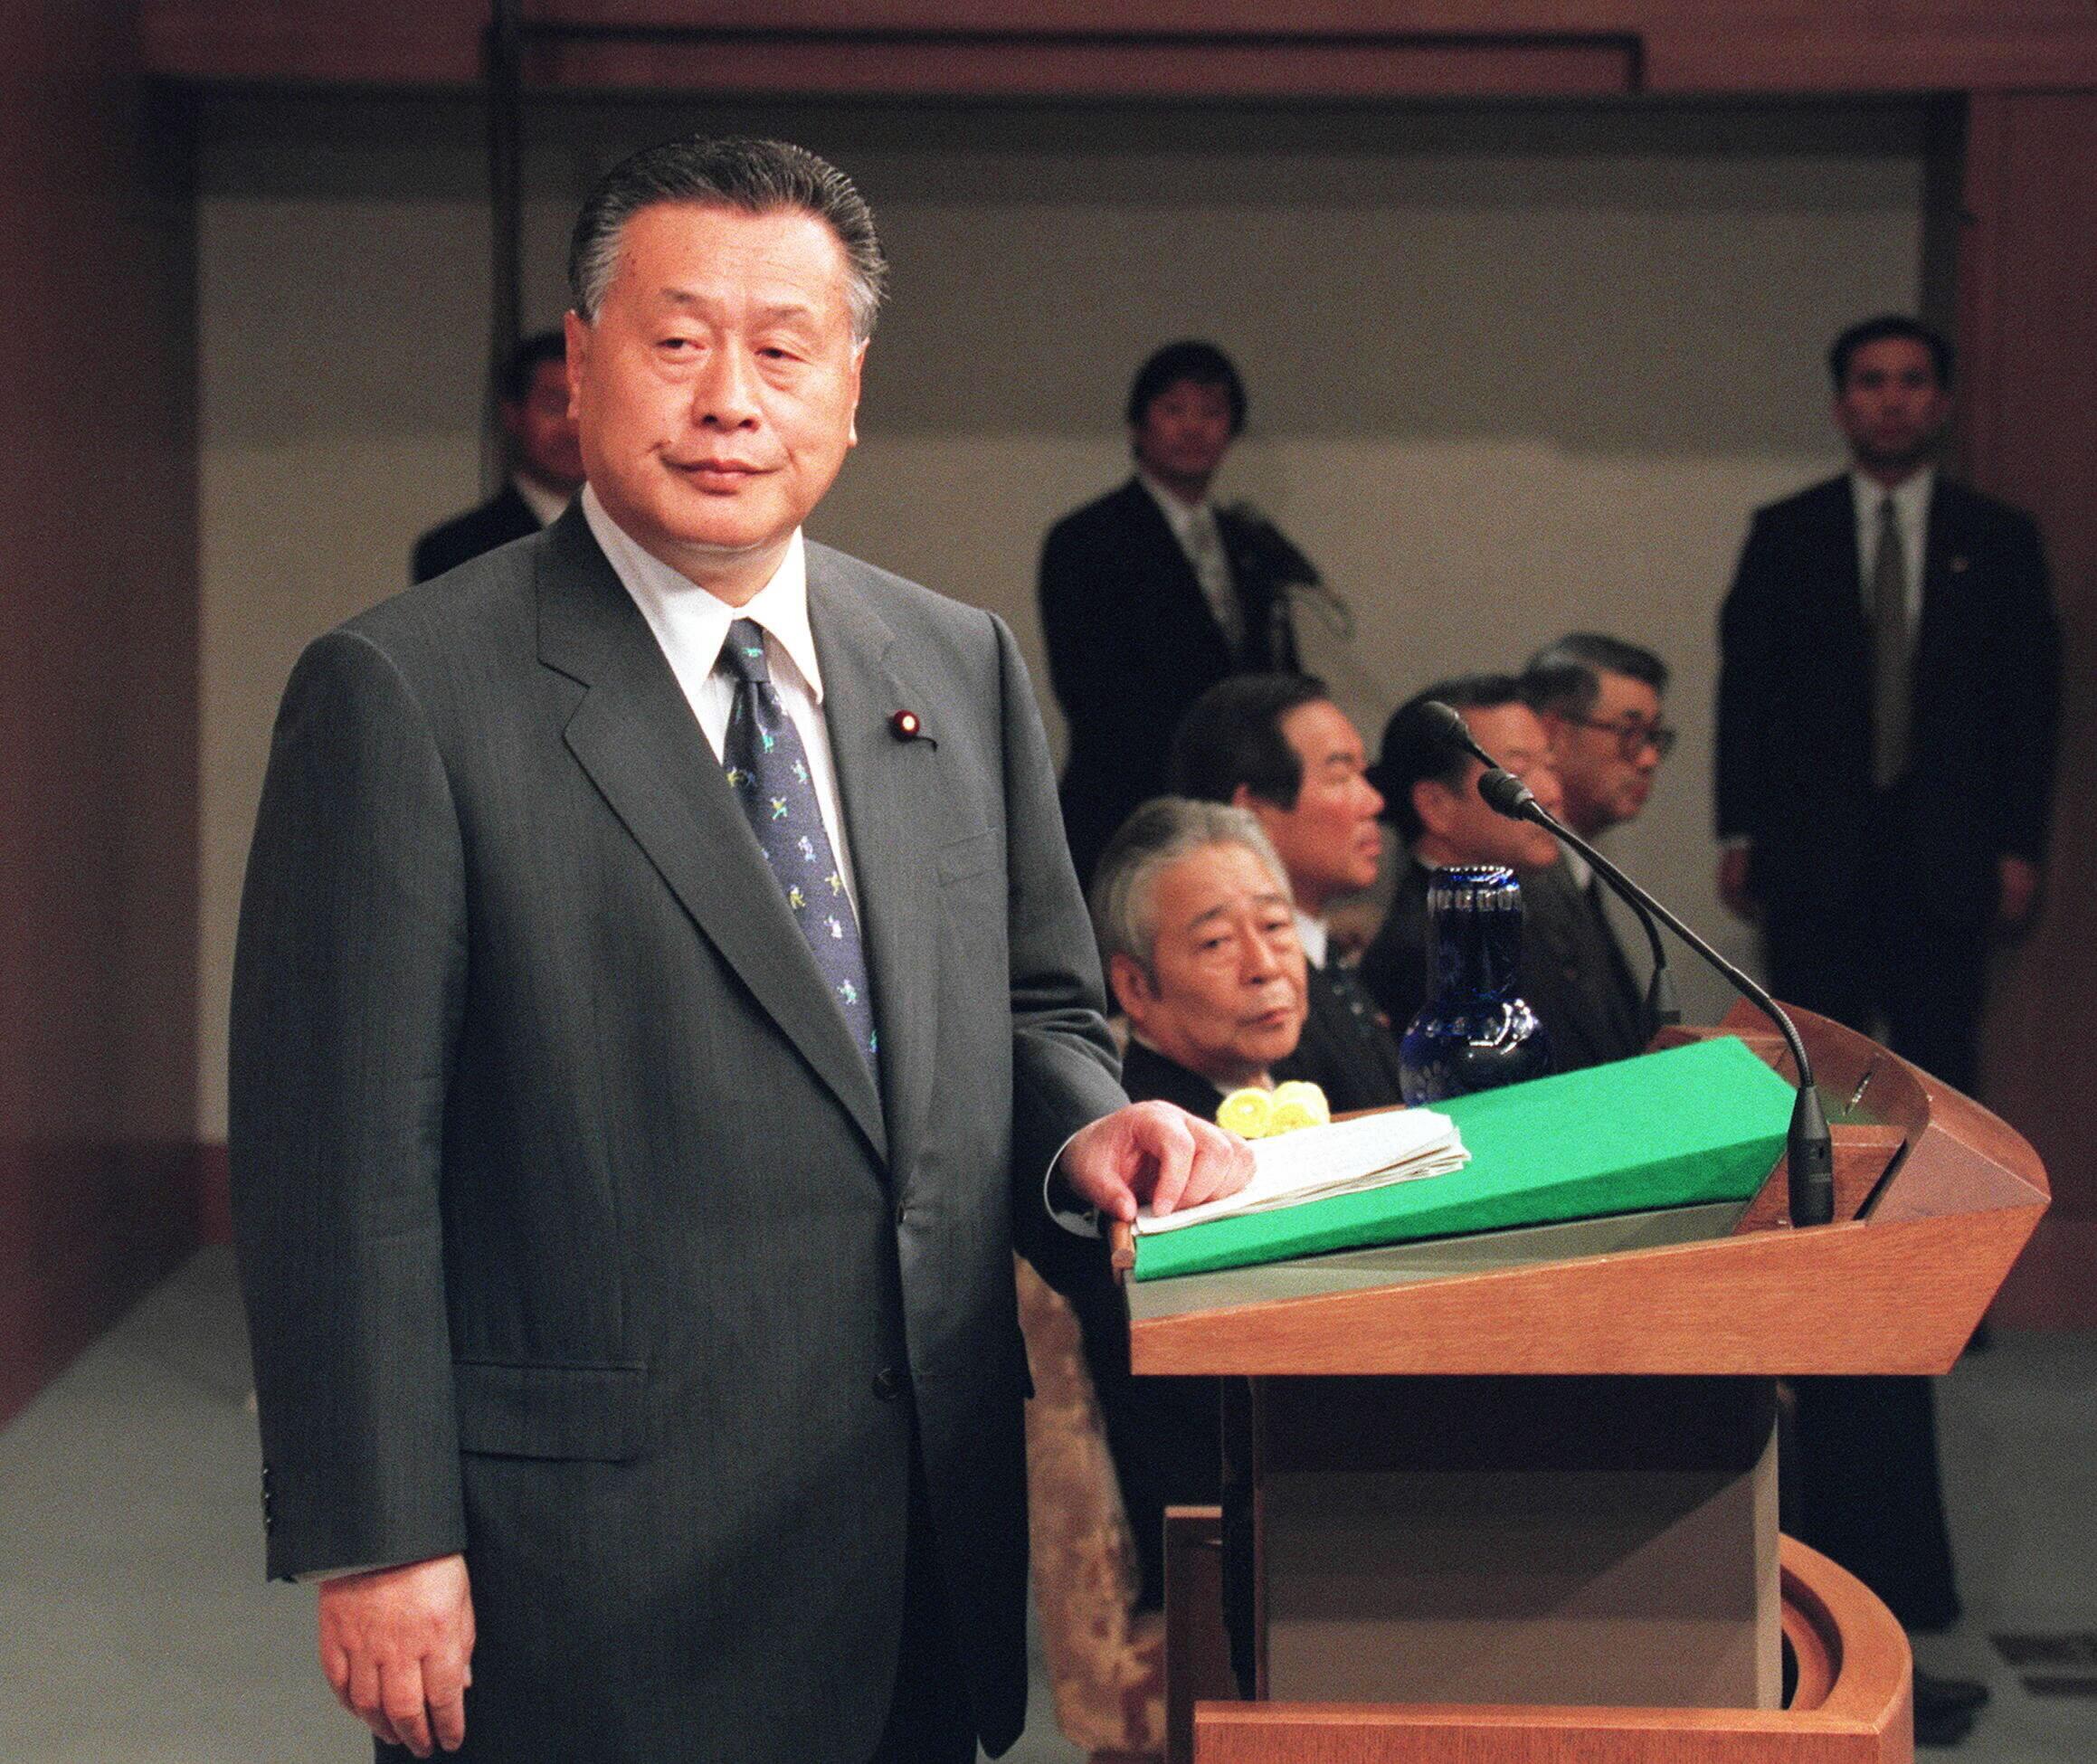 「日本は天皇を中心とする神の国」と自らの発言について釈明記者会見する森喜朗氏(2000年05月26日、首相官邸)